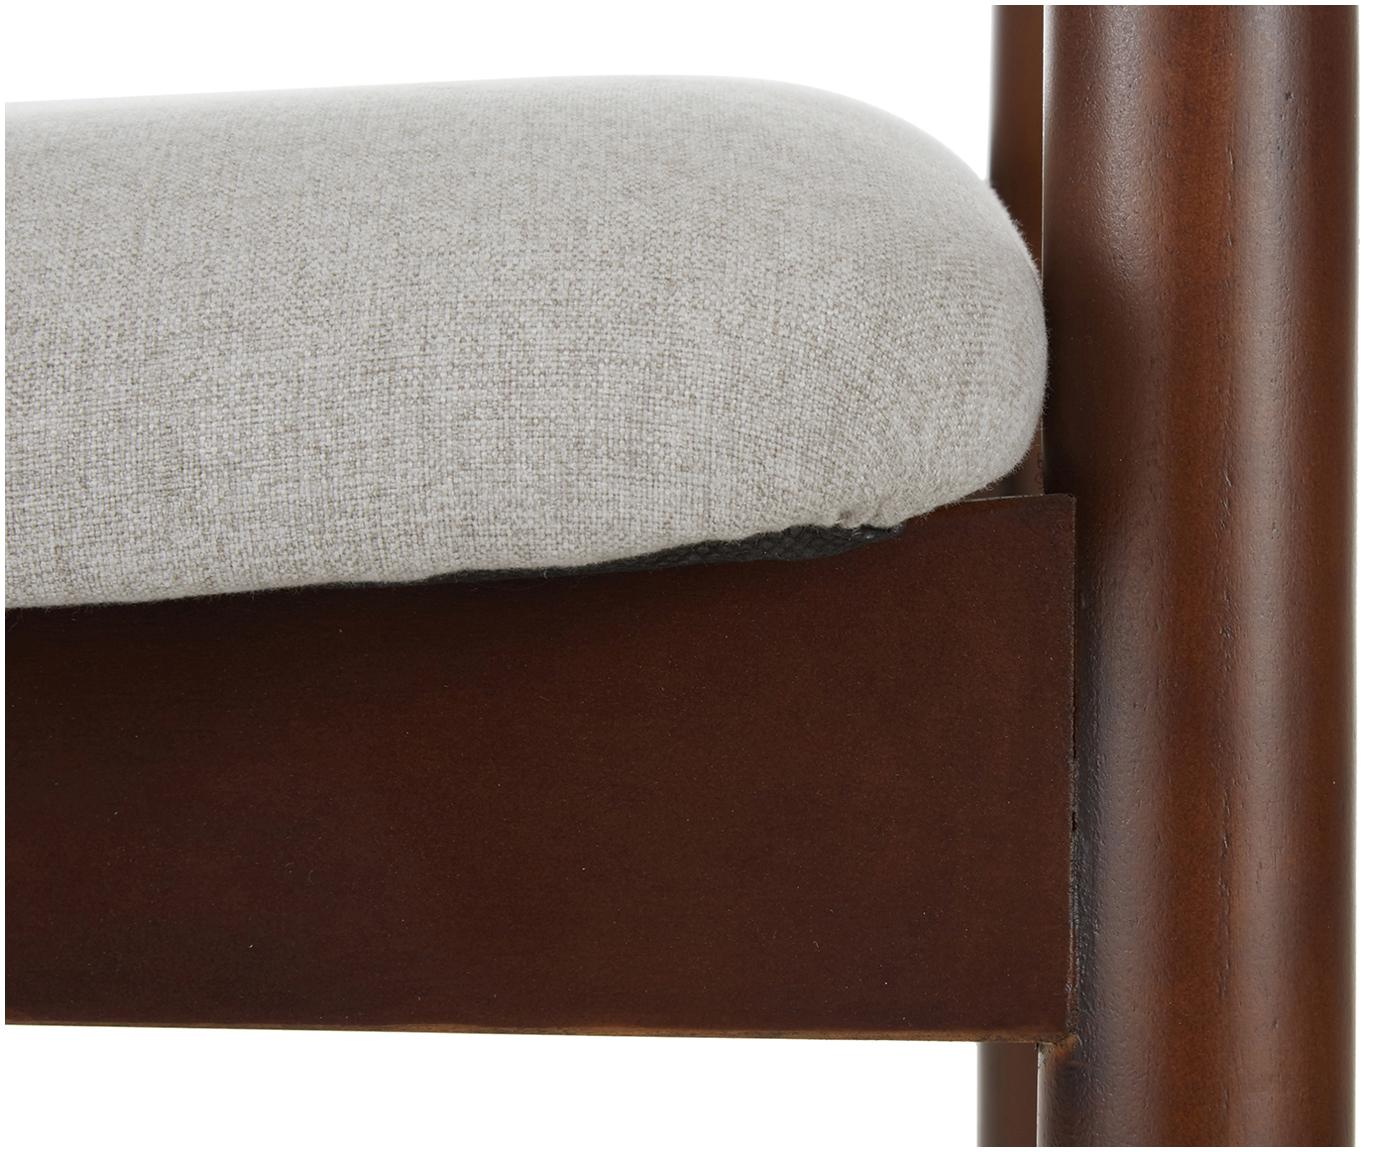 Krzesło z drewna brzozowego z podłokietnikami Lloyd, Tapicerka: poliester 40000 cykli w , Stelaż: drewno brzozowe, sklejka, Beżowy, drewno brzozowe, S 57 x G 54 cm